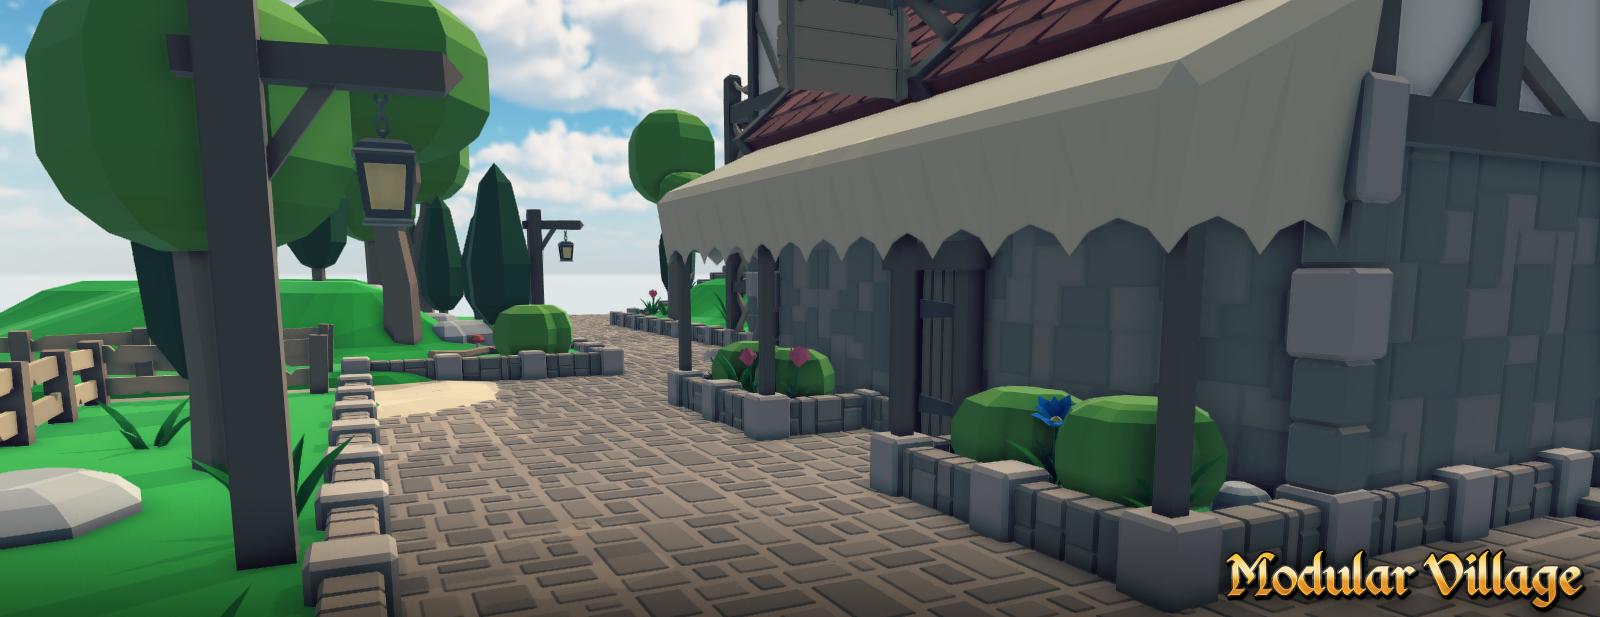 Modular Village Pack